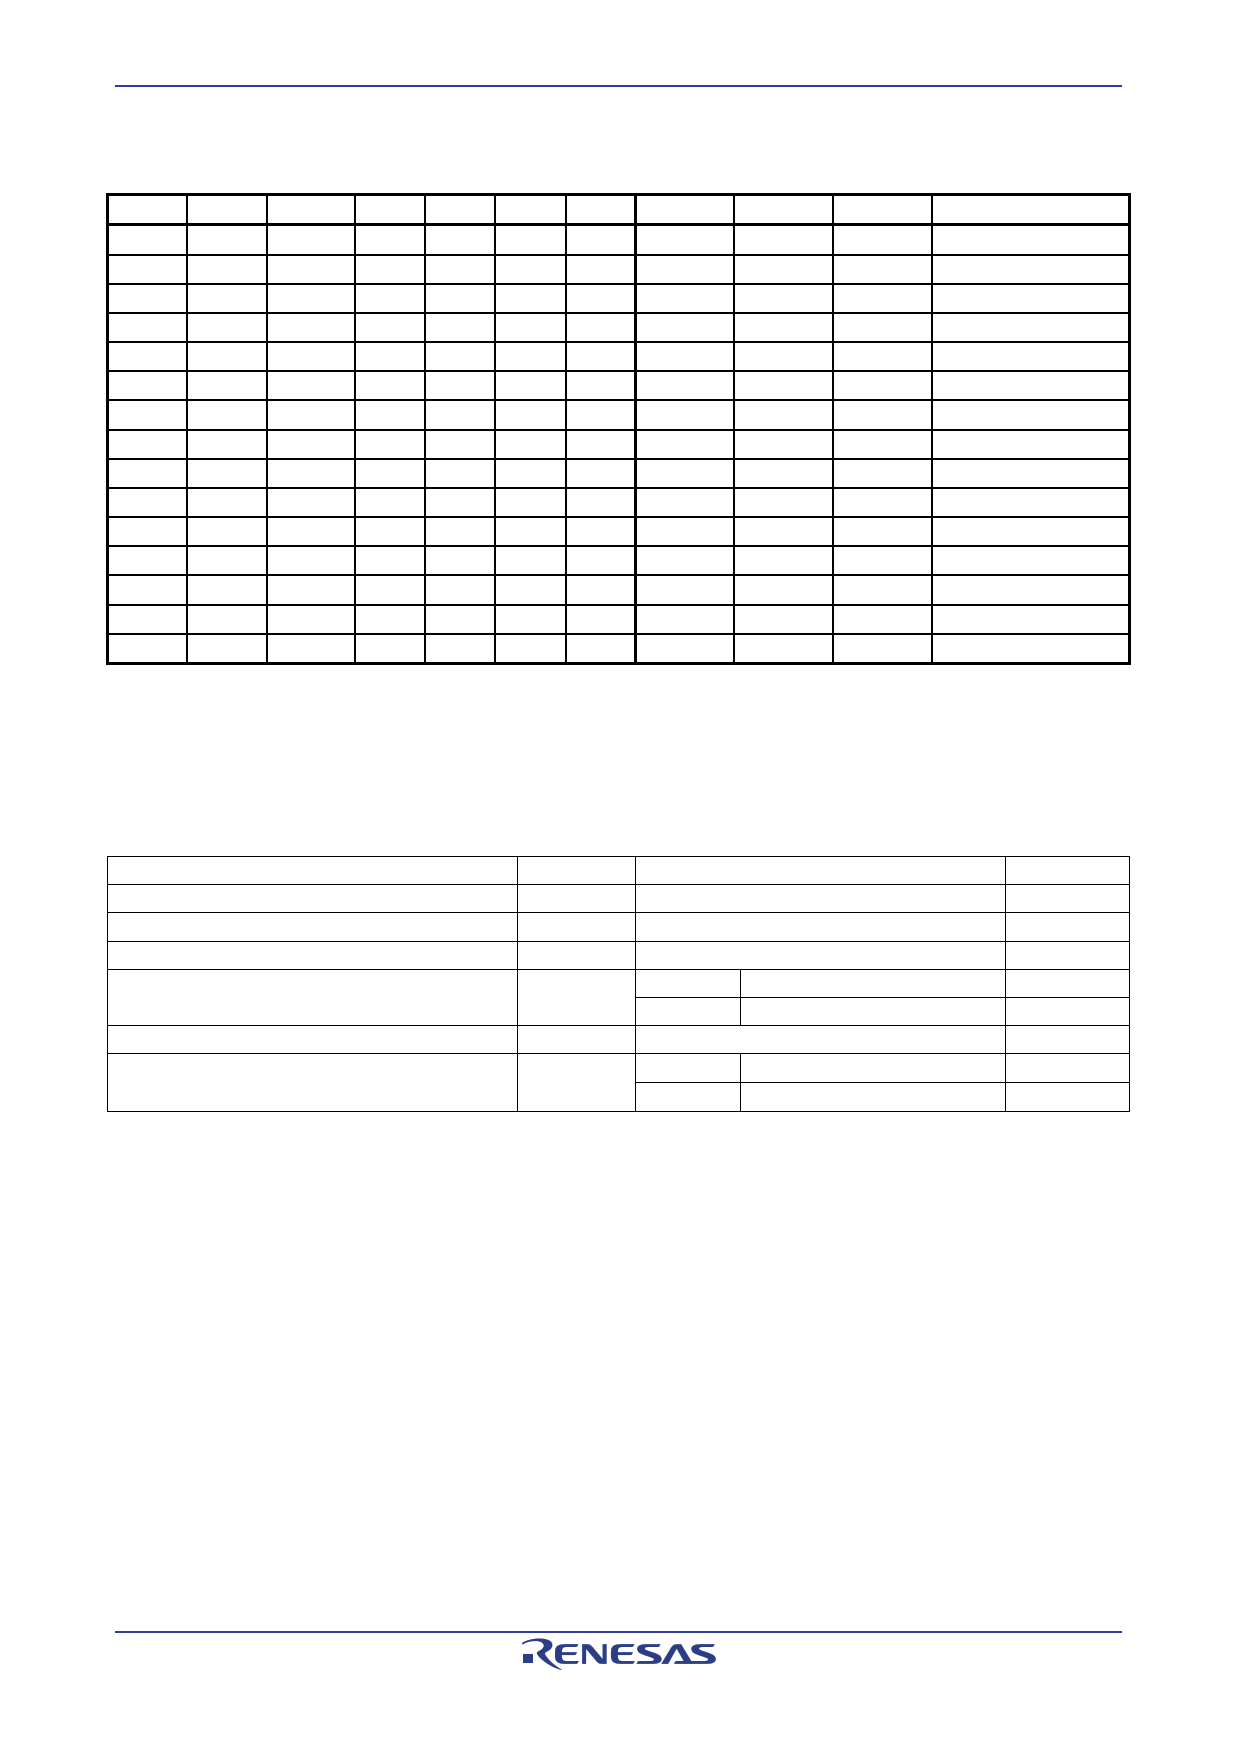 R1WV6416R pdf